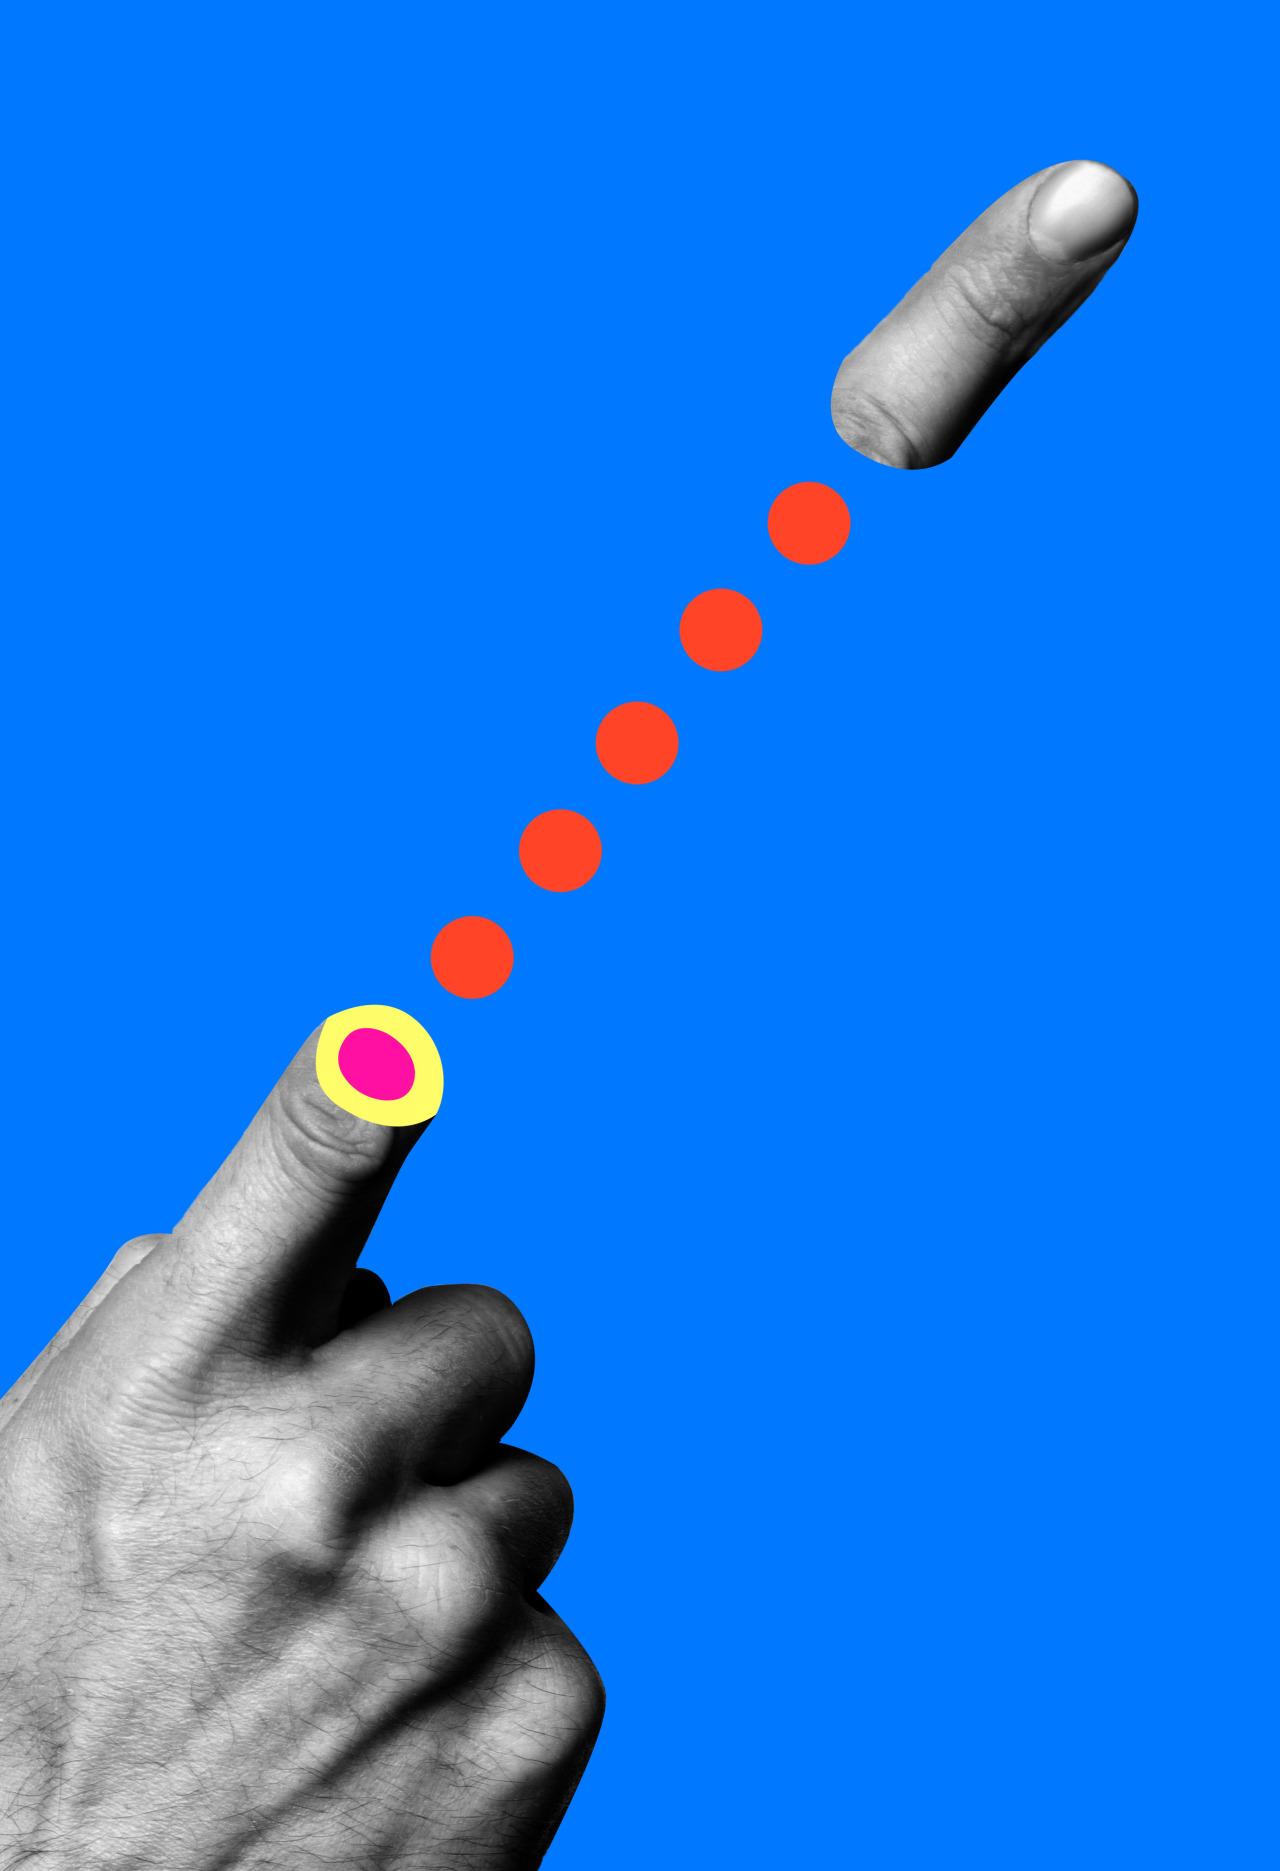 Dedo apuntando con puntos rojos